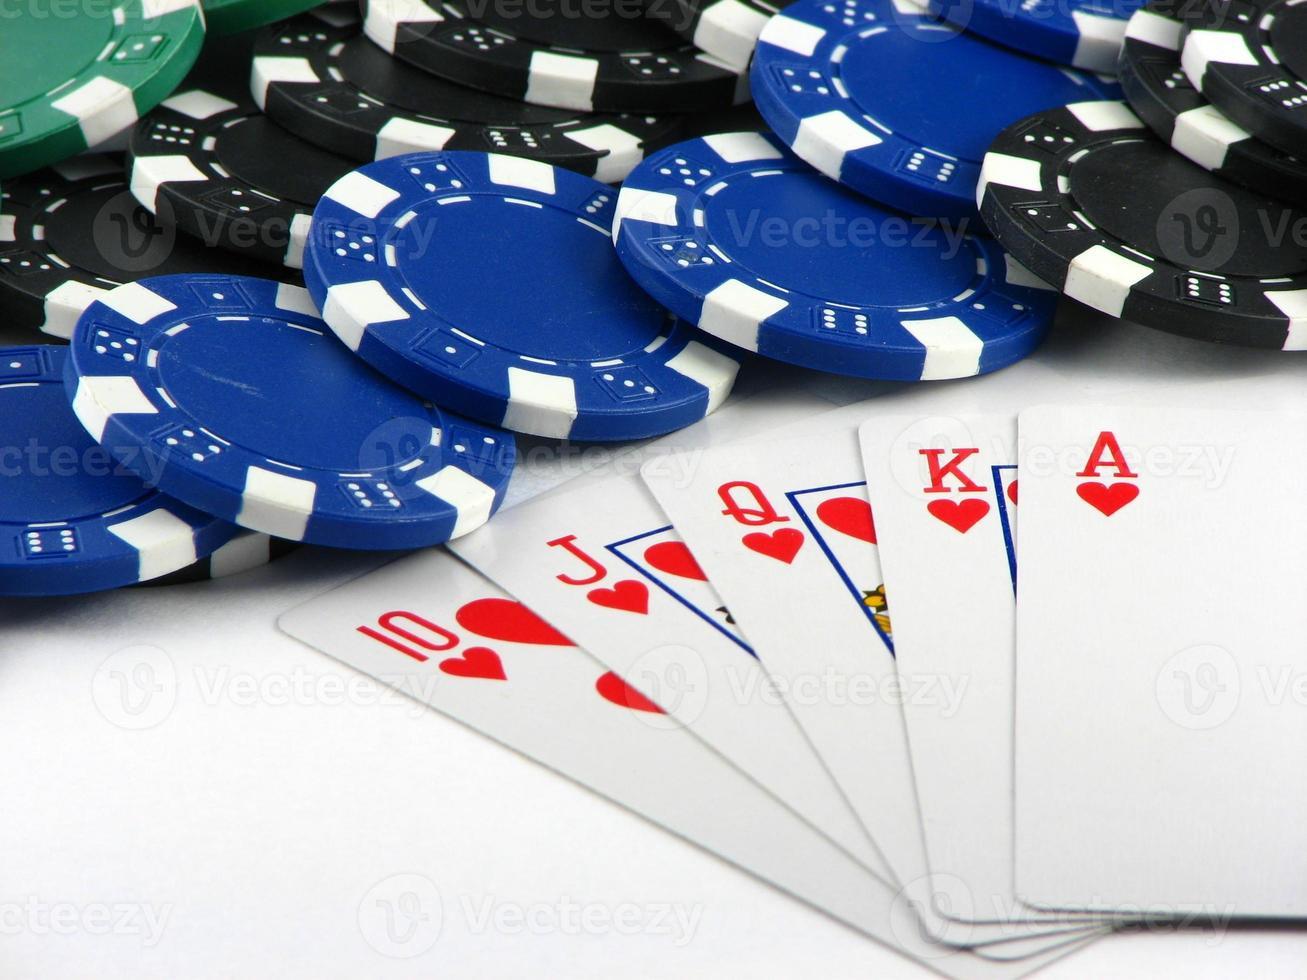 Cards- Royal flush photo